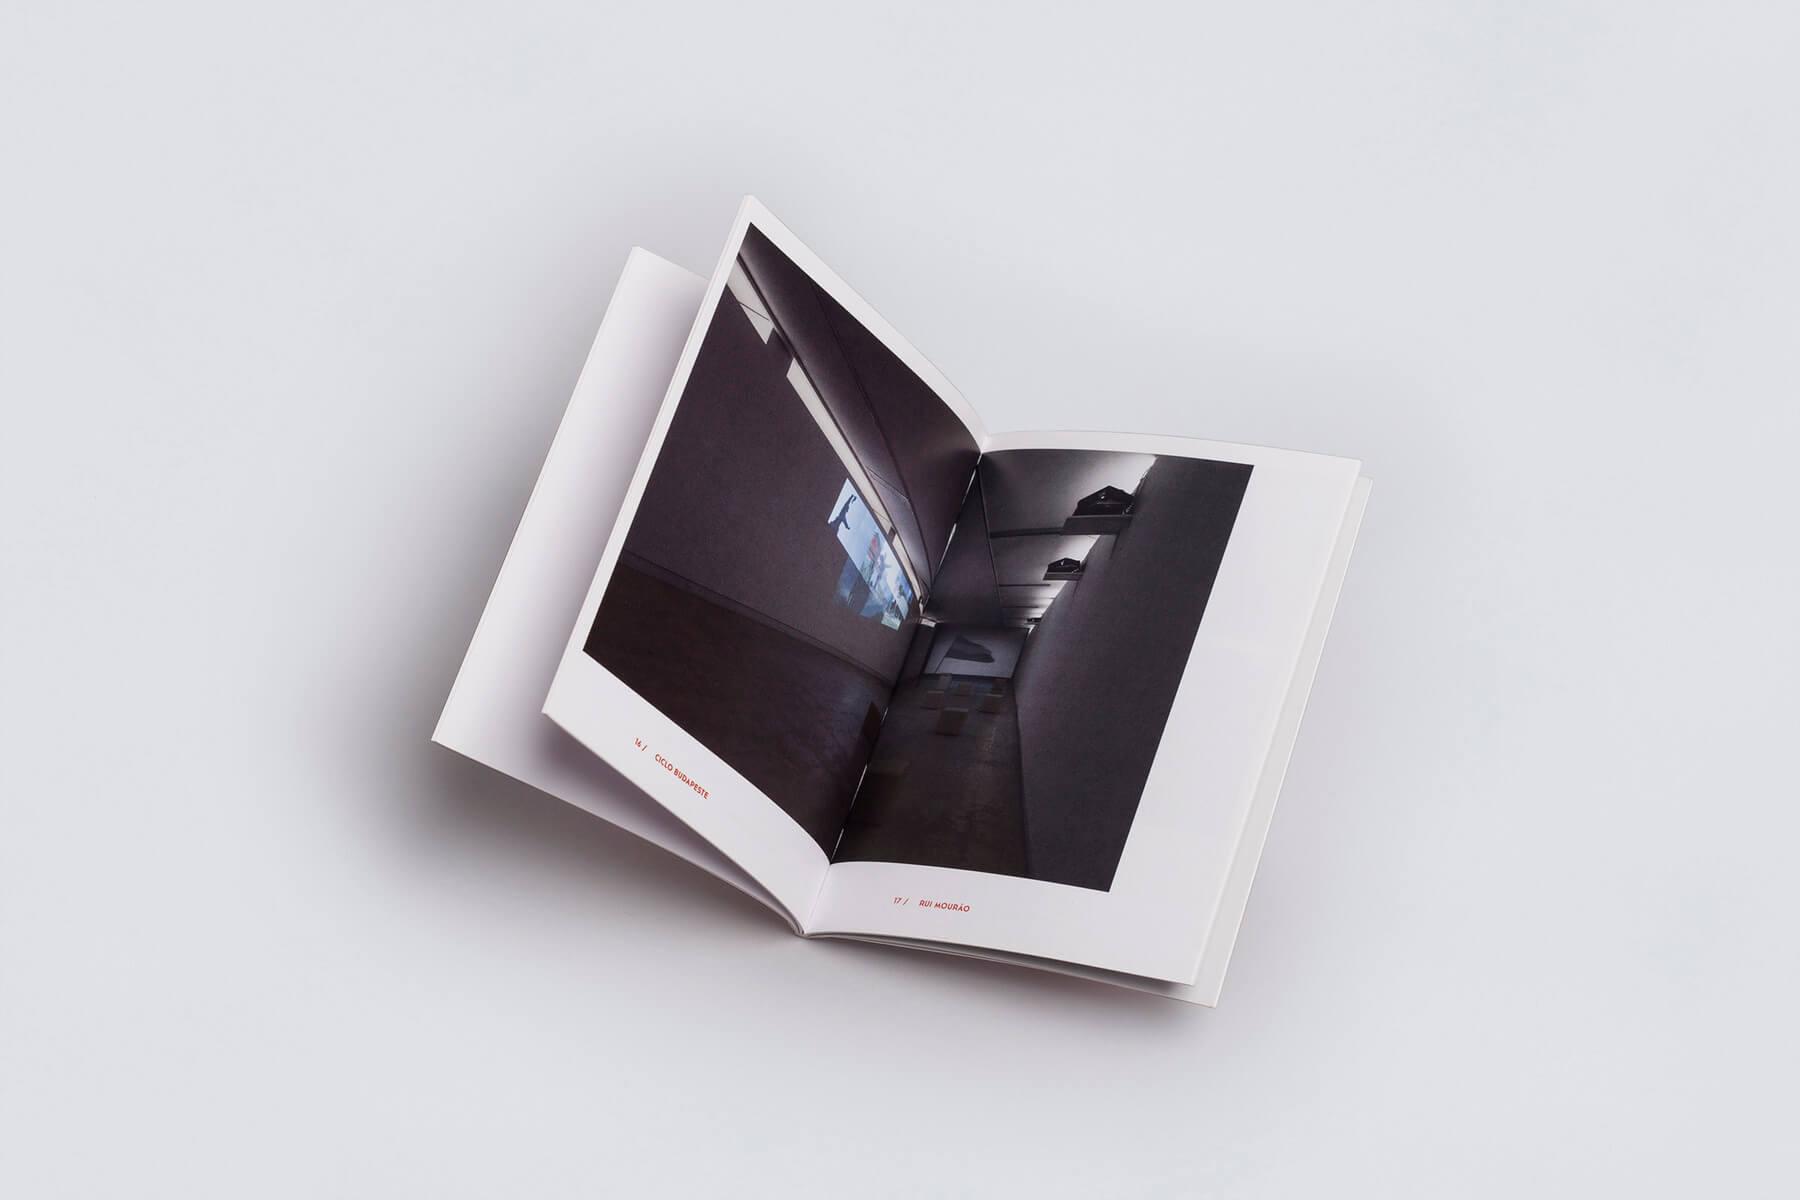 ciclo budapeste rui mourao fotografia fabio cunha galerias municipais interior